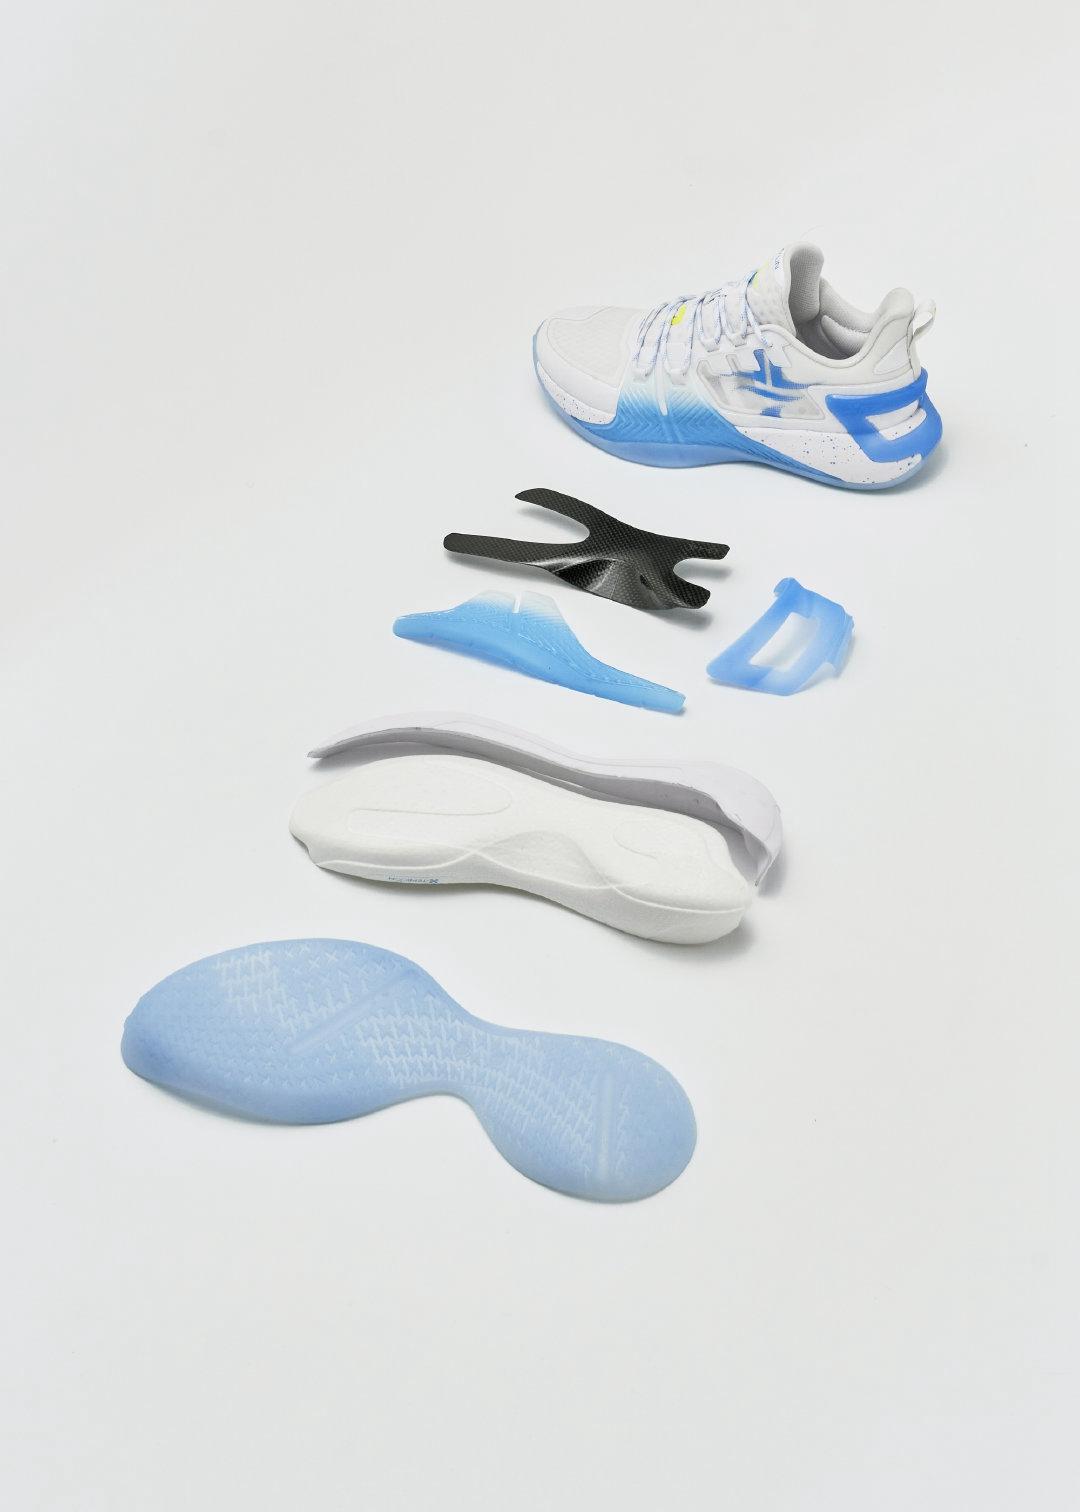 特步,林书豪,XTEP,JLIN2  本周登场!林书豪二代战靴配置新升级!网友:又心动了!